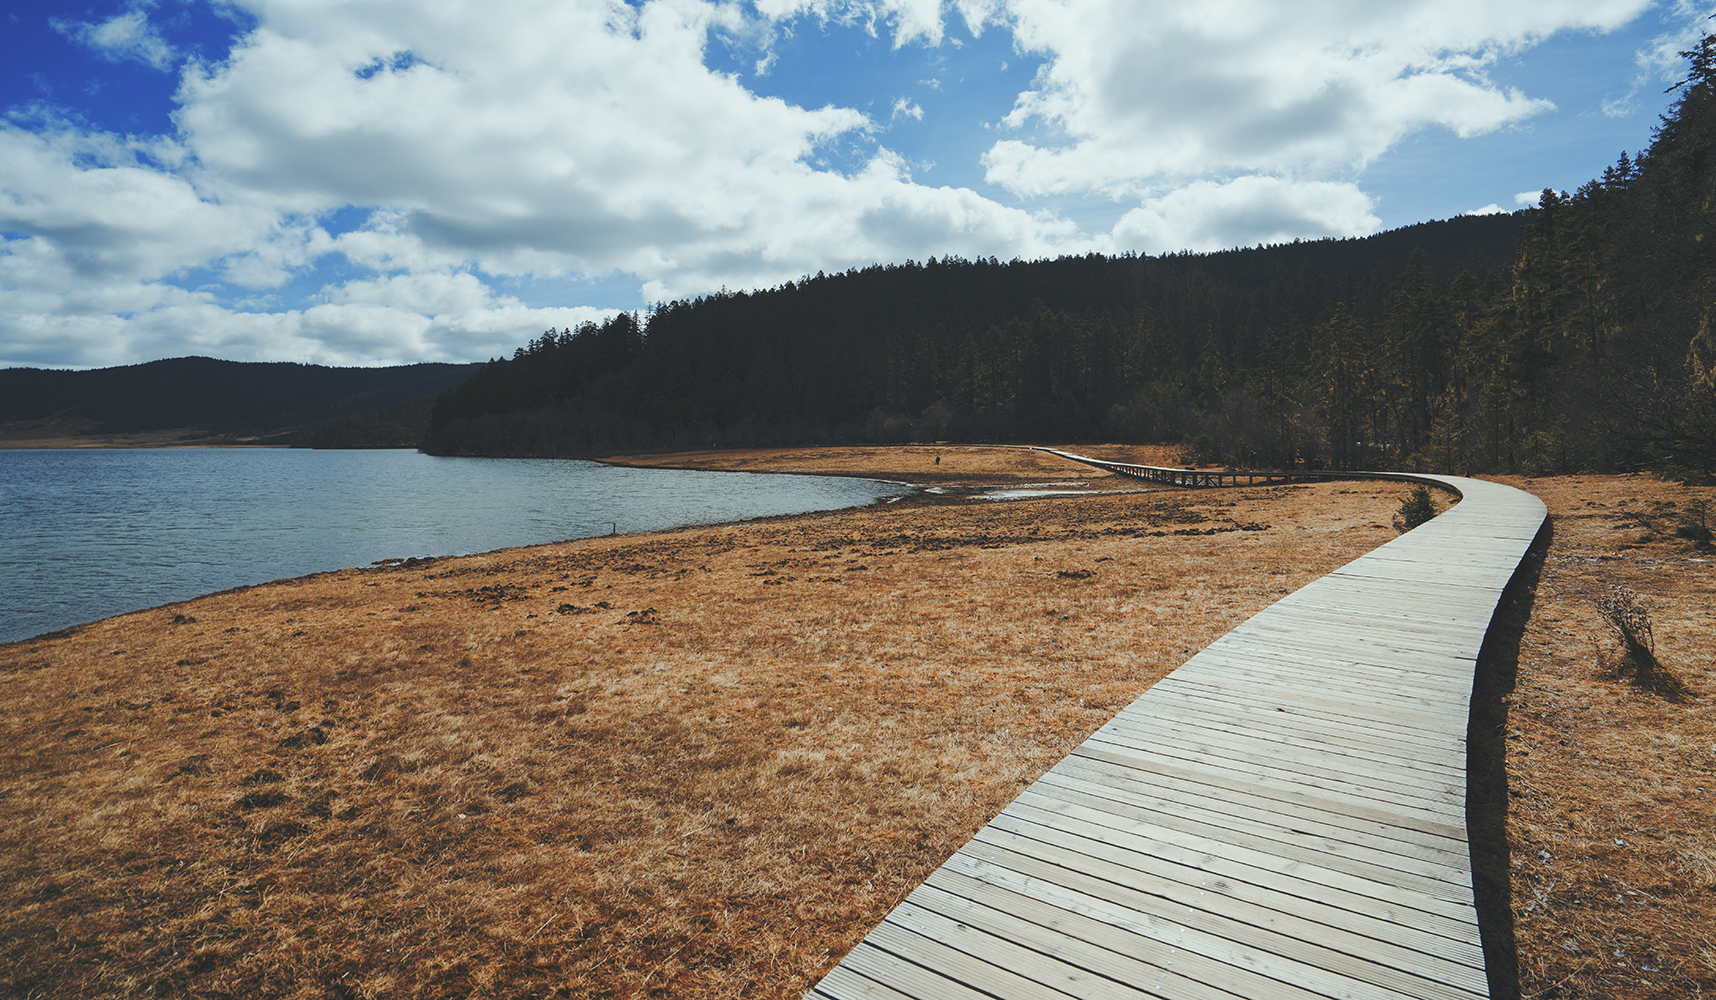 Shudu lake